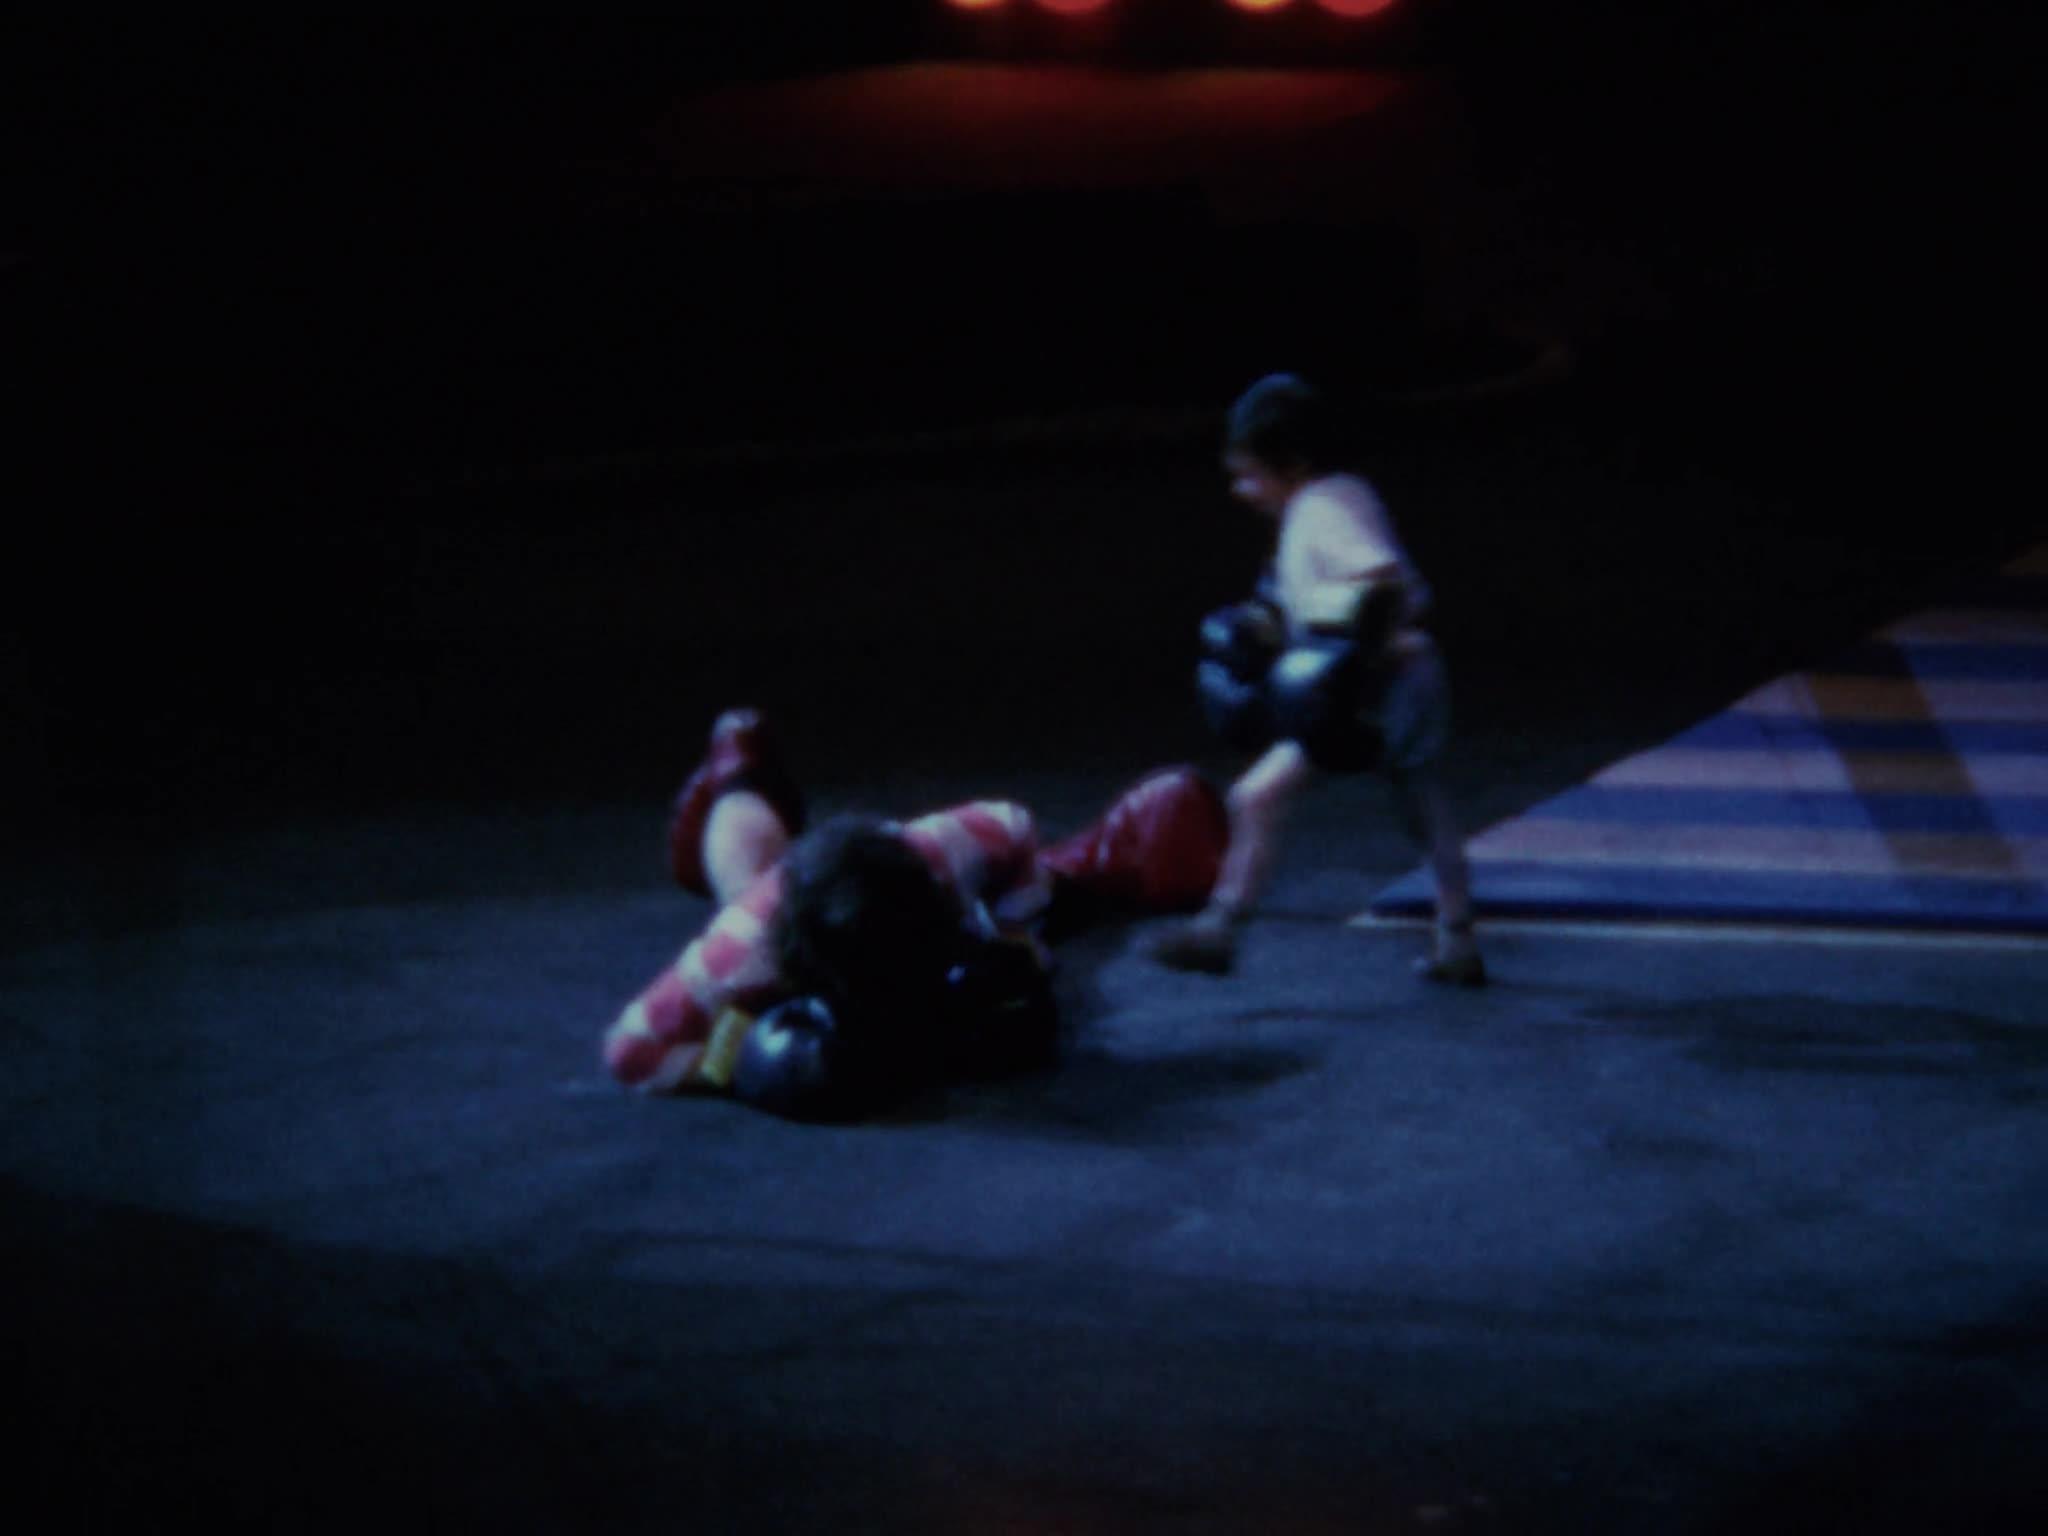 Michu, Clown Boxing, RBB Blue Unit, Tumbling